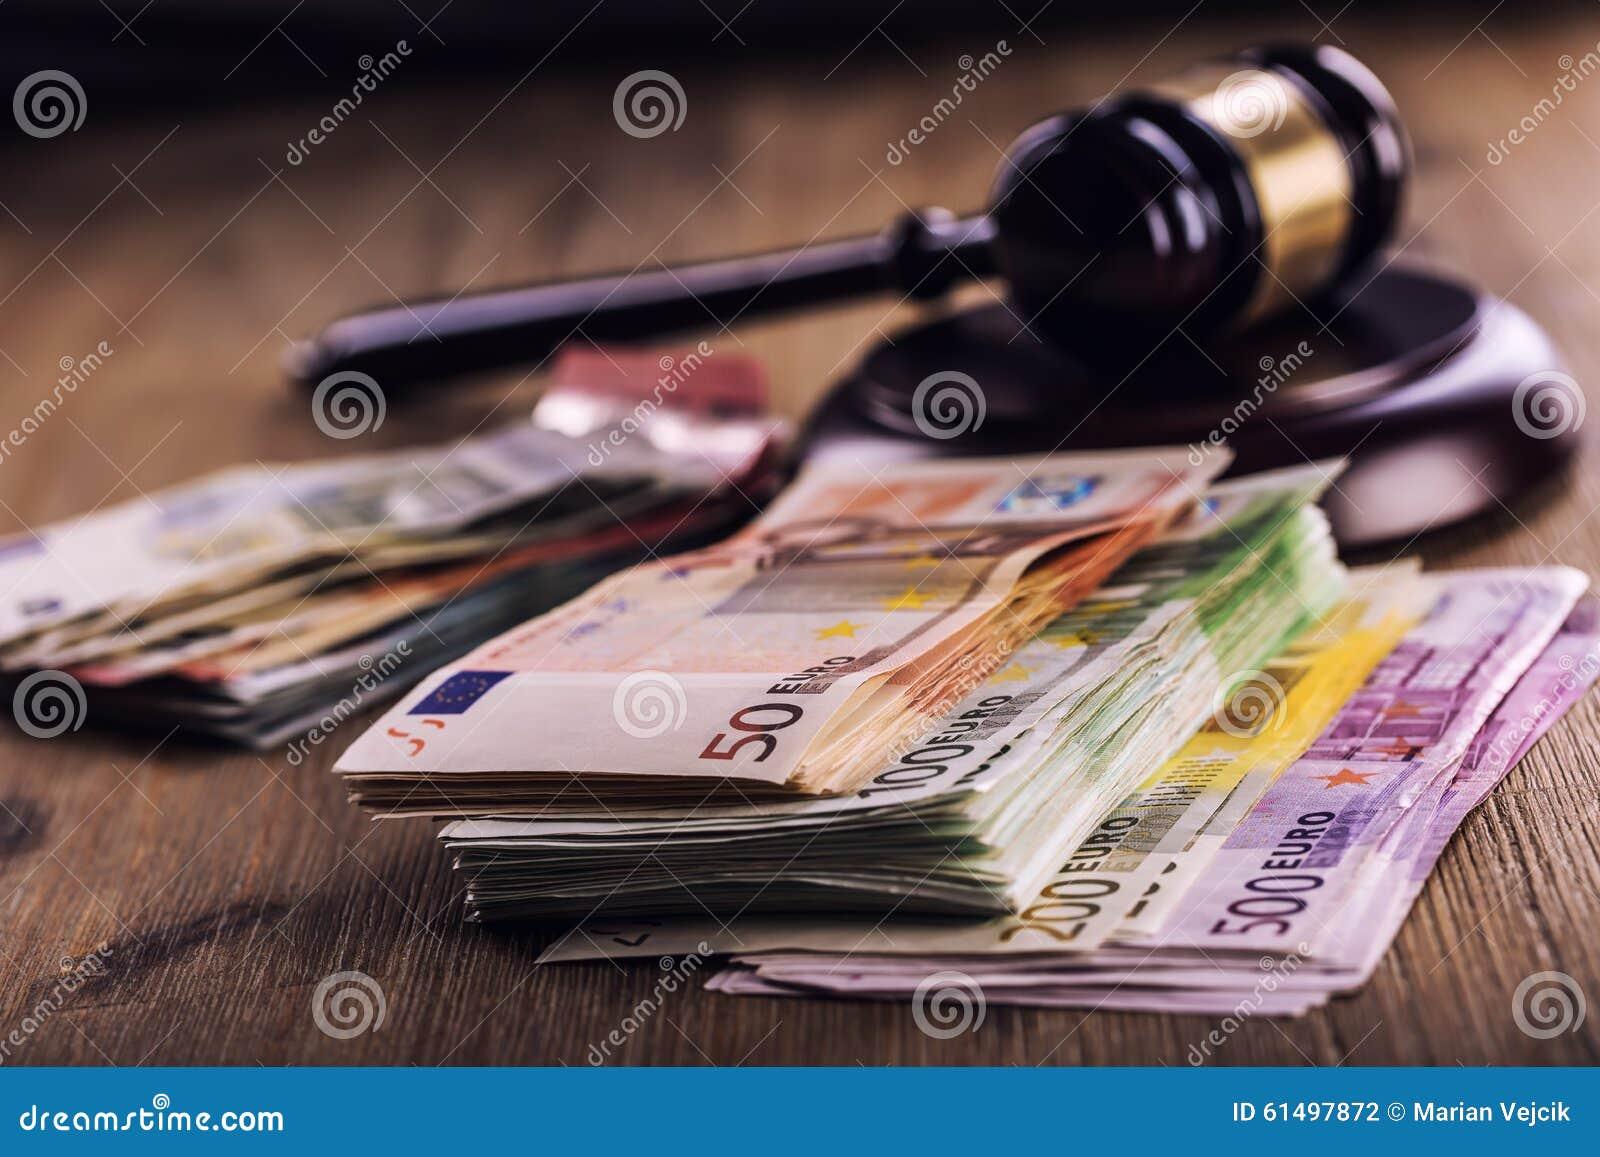 Soldi dell euro e della giustizia Euro valuta Martelletto della corte ed euro banconote rotolate Rappresentazione di corruzione e